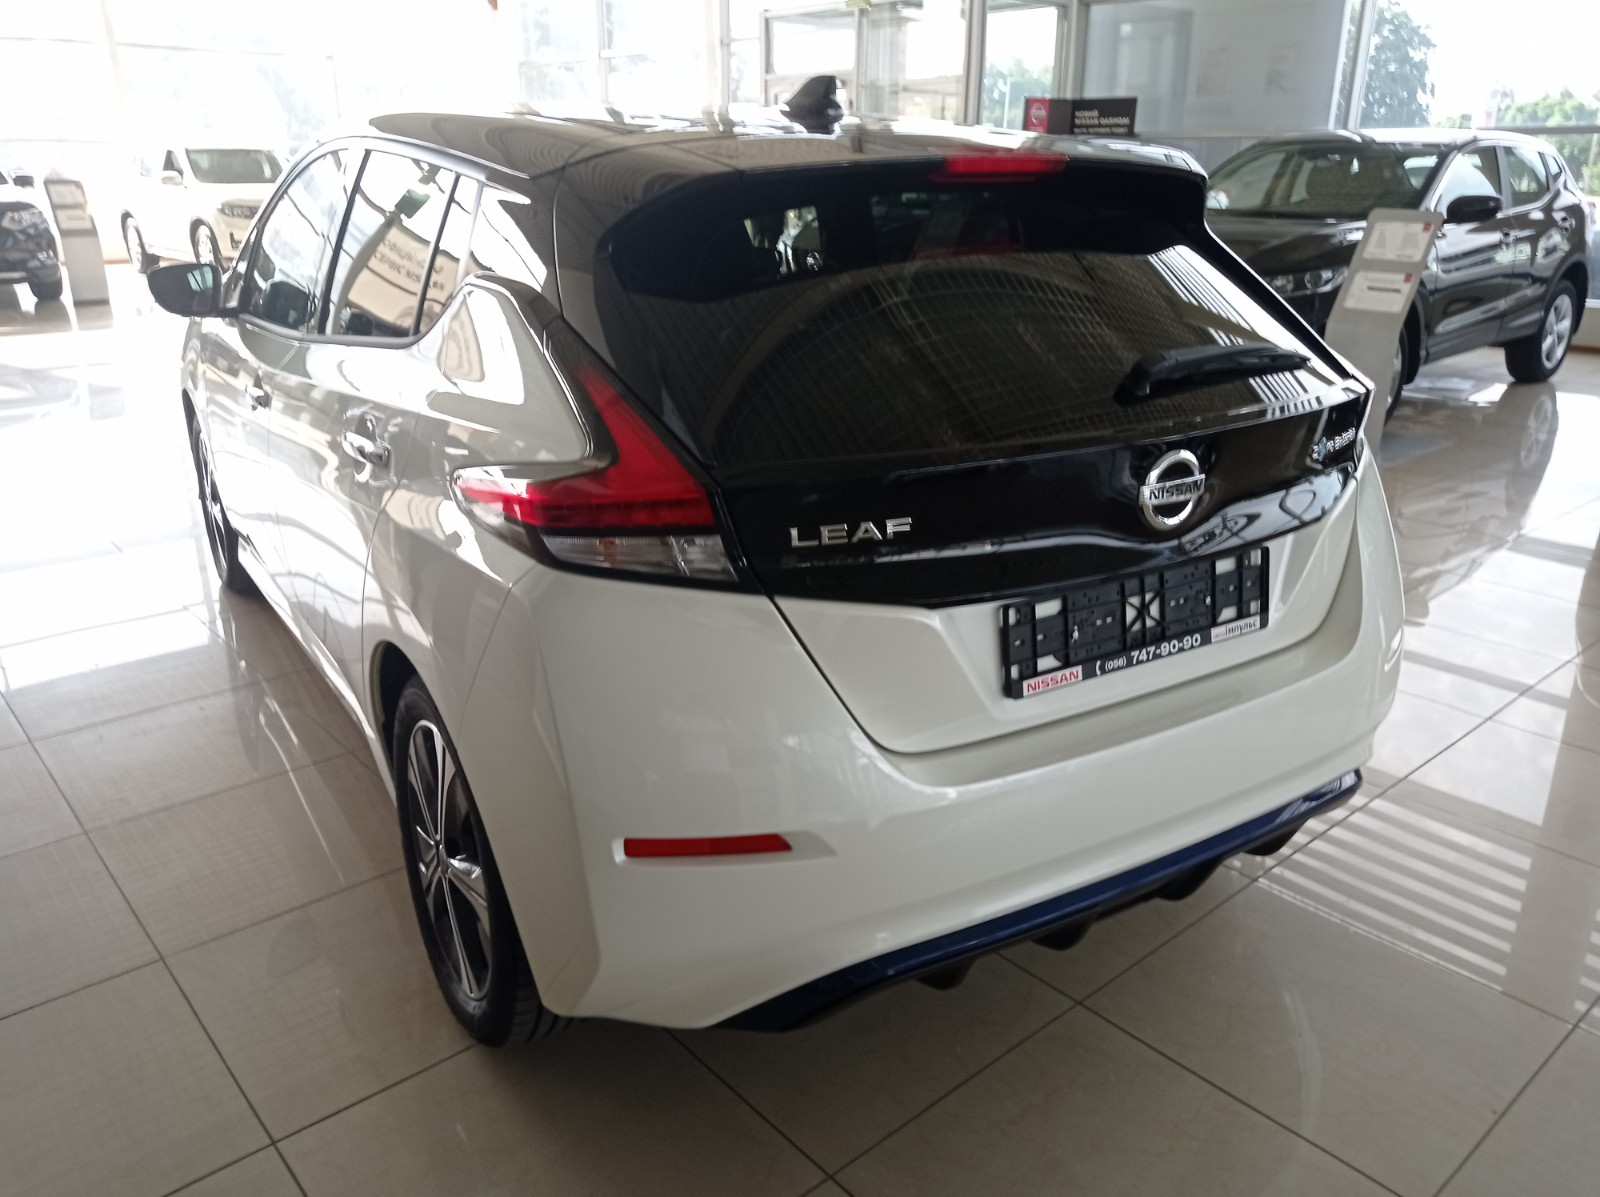 new_avto-628981717.jpg